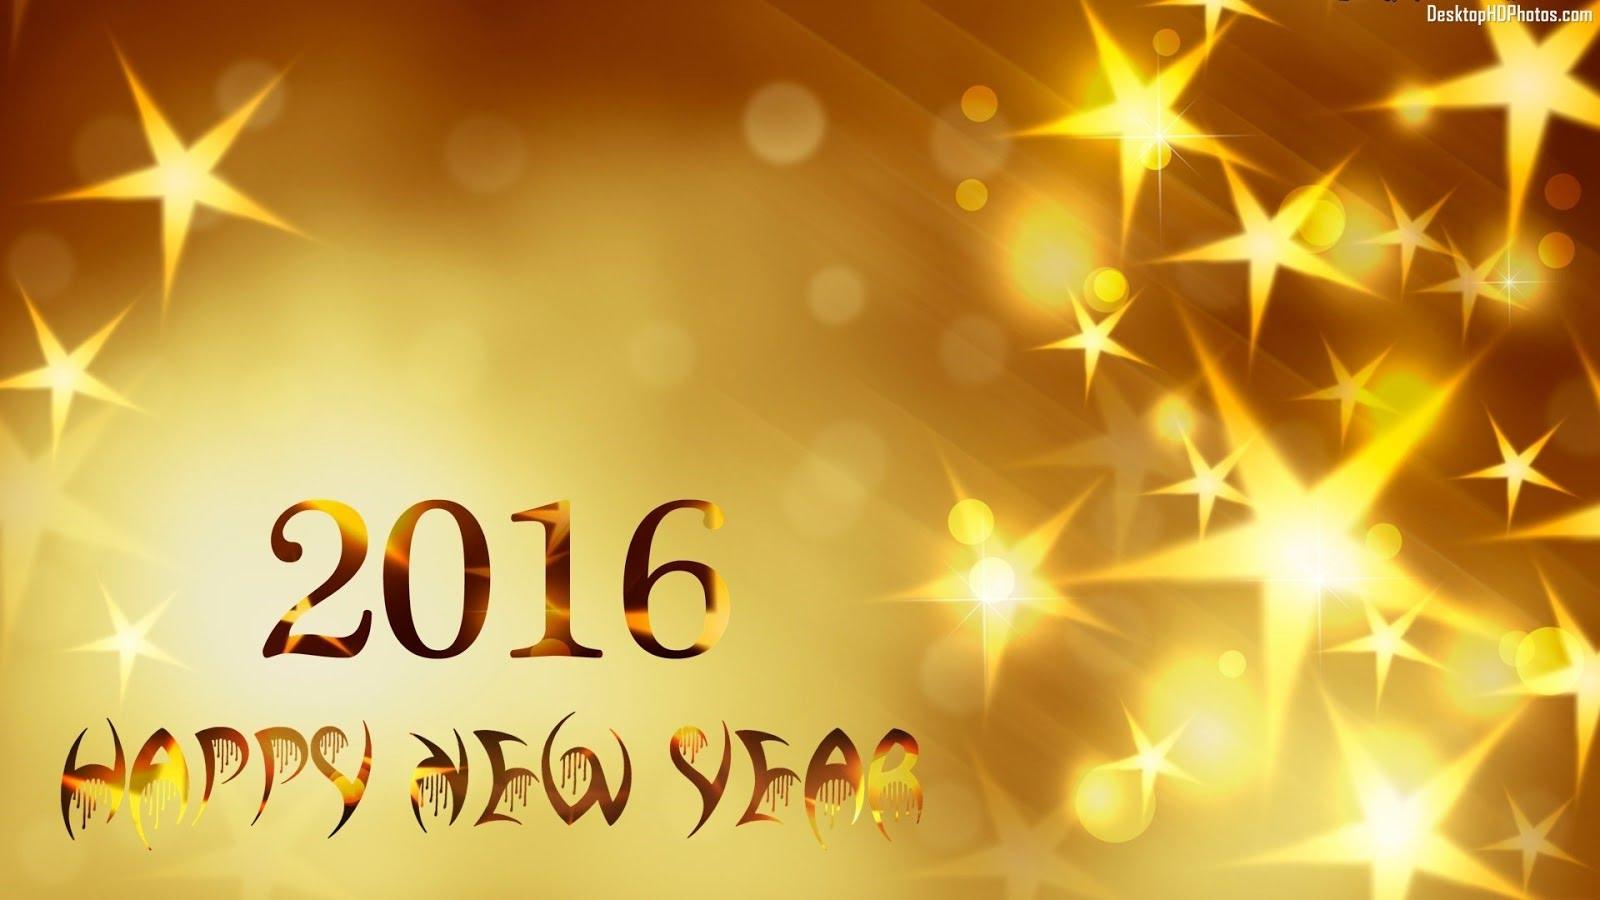 بالصور كلام عن بداية سنة جديدة 2019 20160703 961